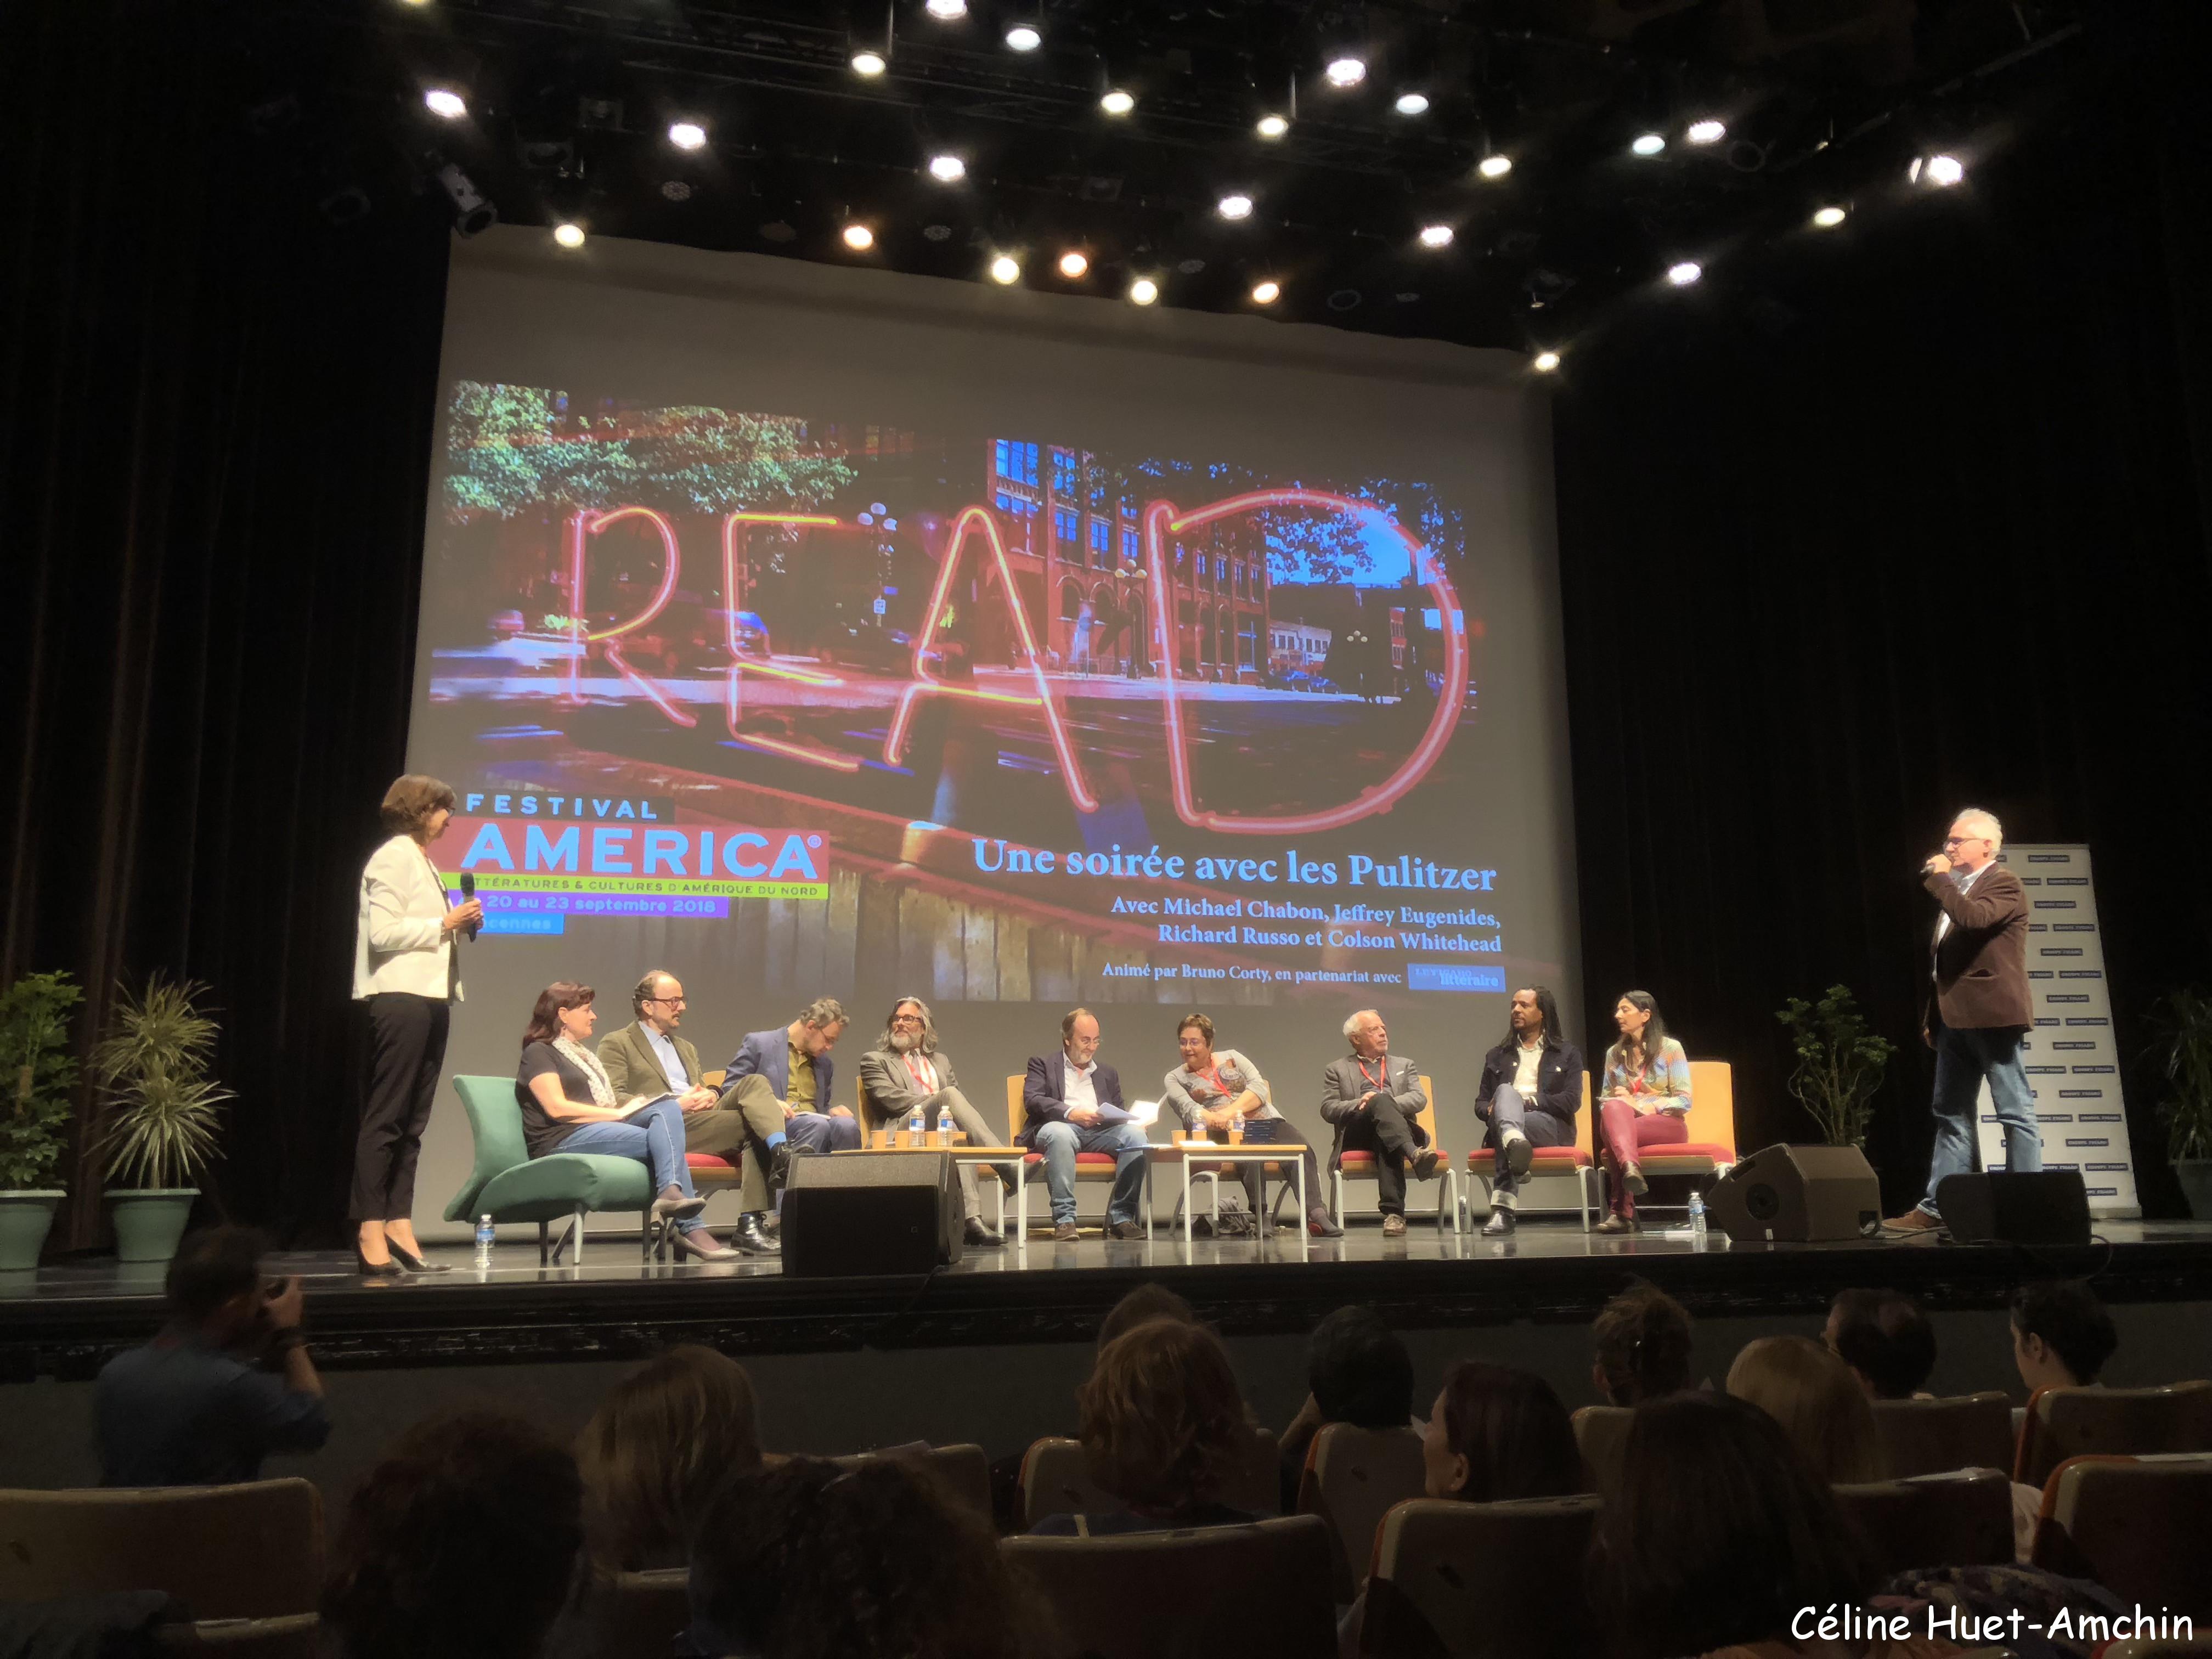 Une soirée avec les Pulitzer 9e édition Festival America Centre Culturel Georges Pompidou Vincennes